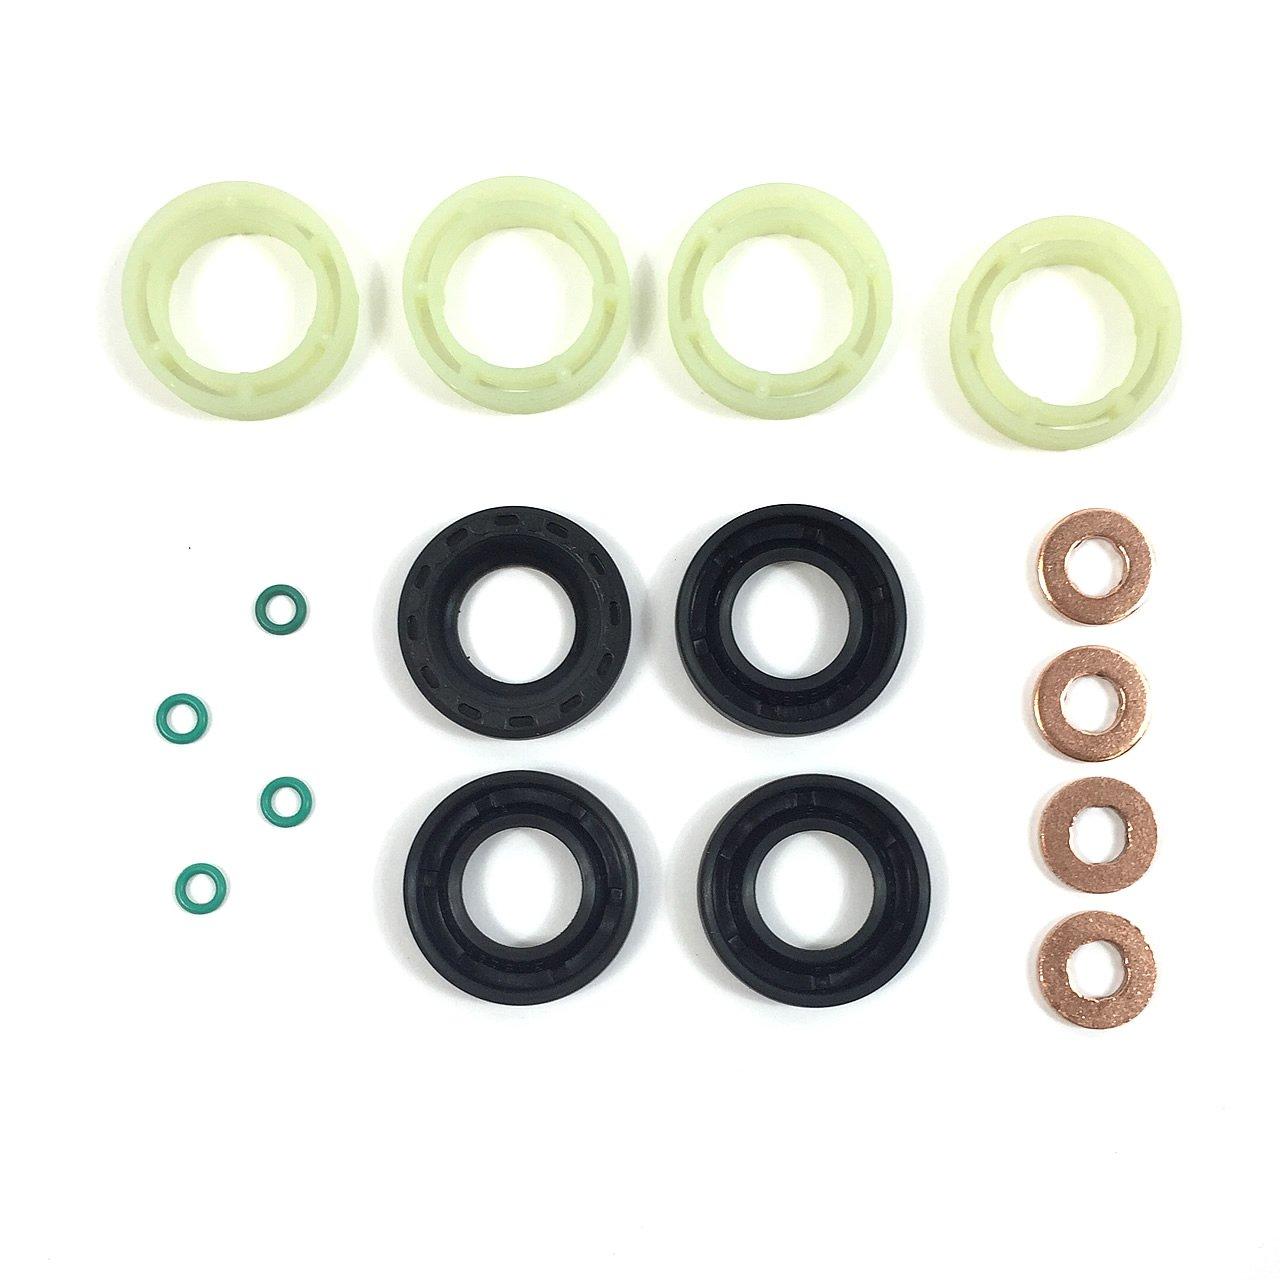 Unterlegscheibe passend f/ür 1,6/TDCi//HDI. O-Ring Set mit Kraftstoff-Einspritzerdichtung